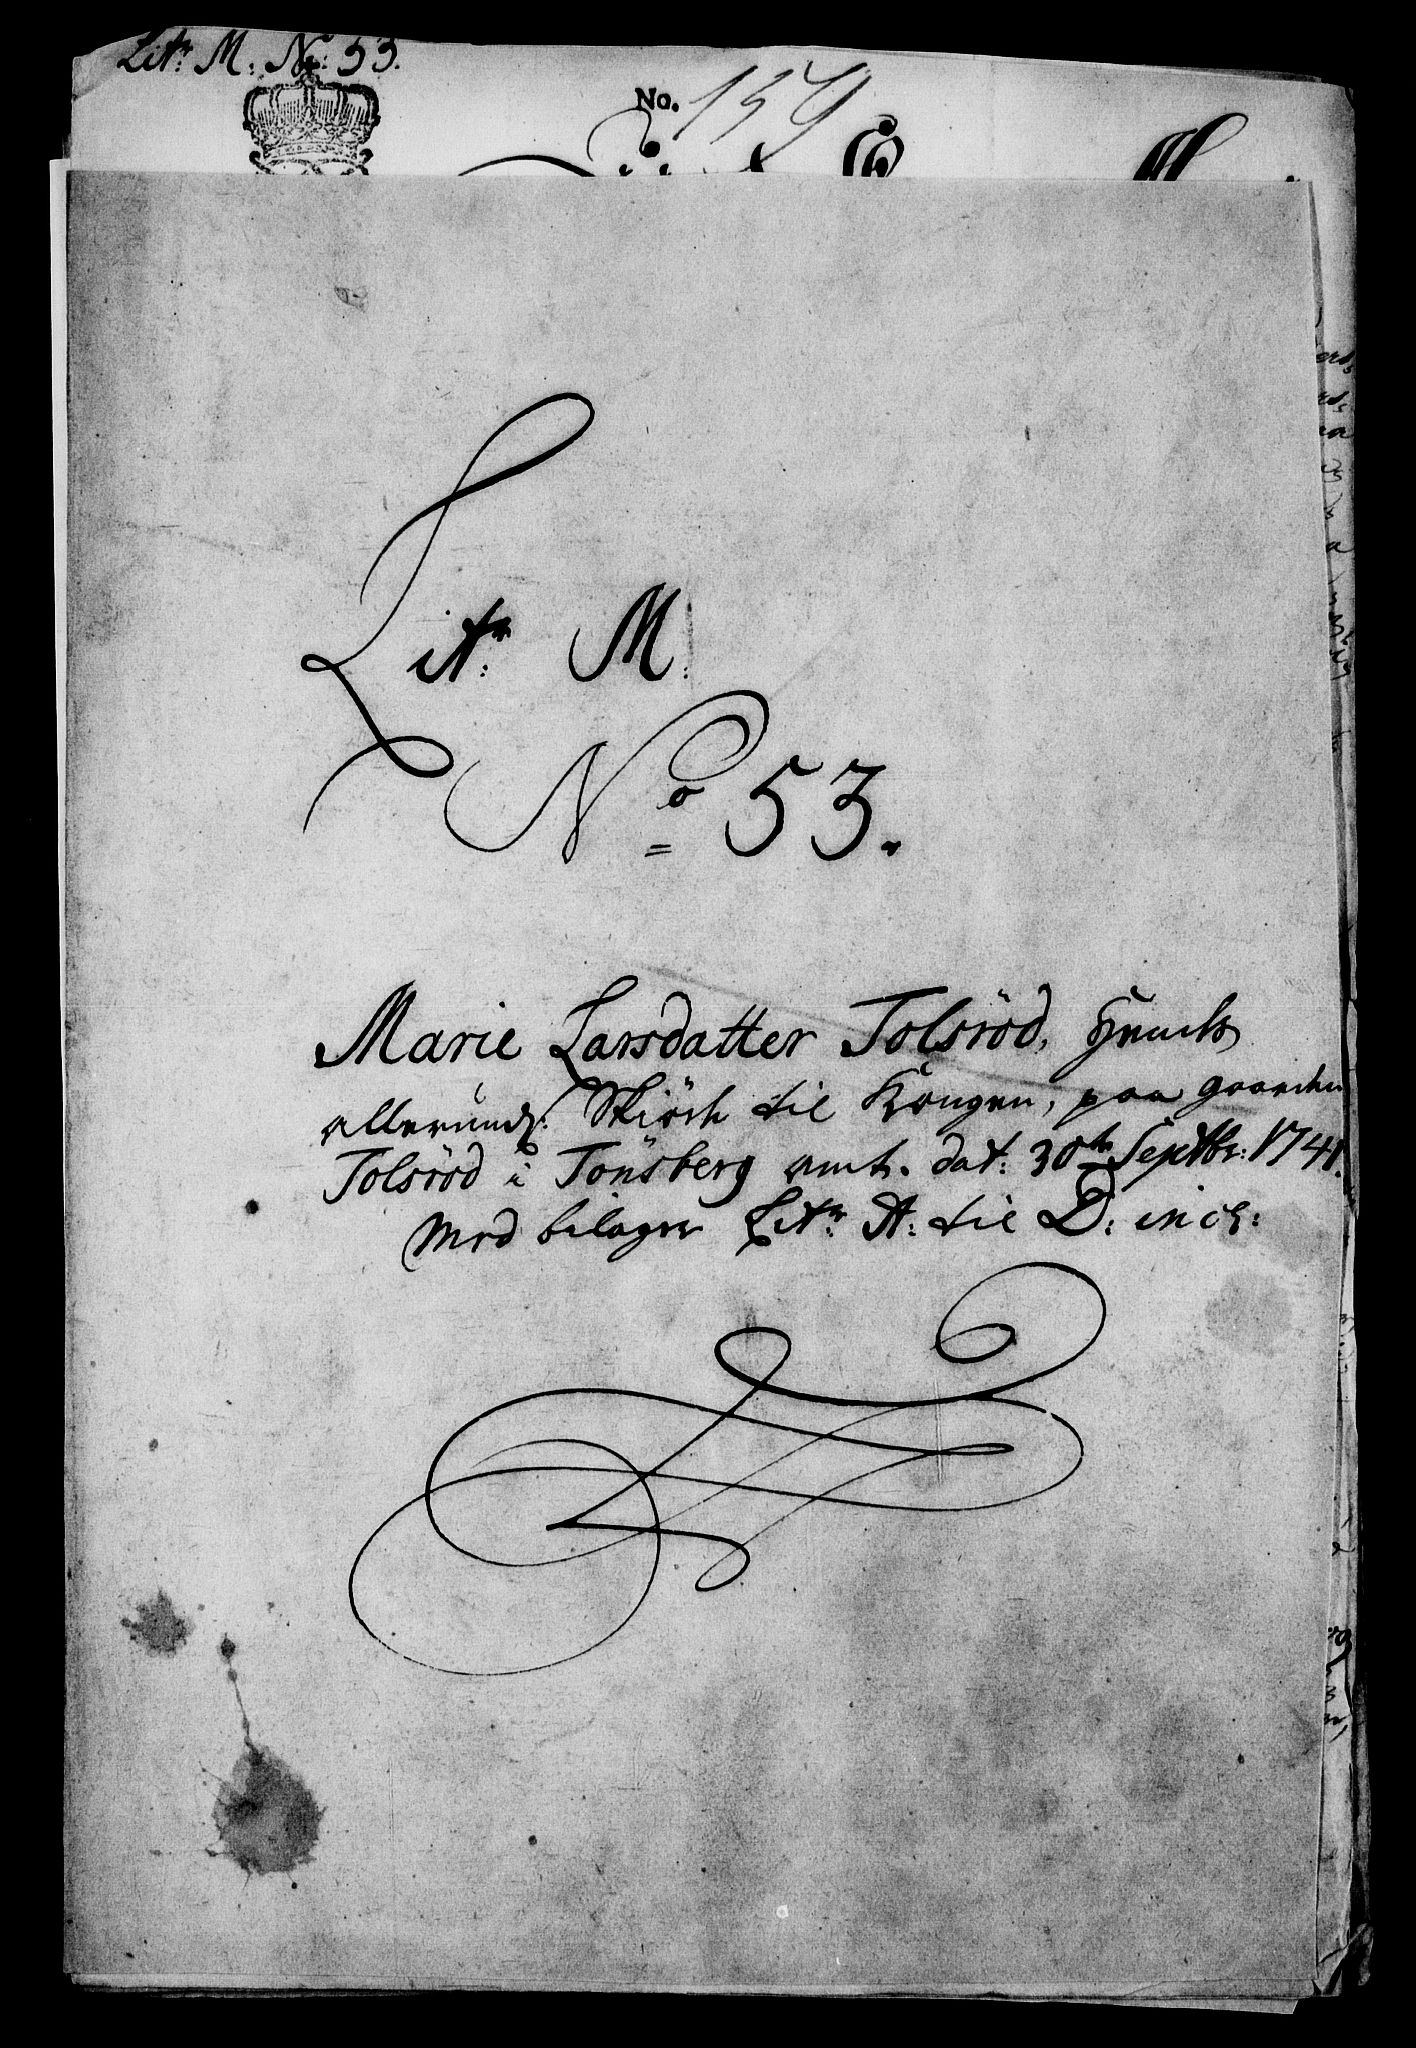 RA, Rentekammeret inntil 1814, Realistisk ordnet avdeling, On/L0009: [Jj 9]: Forskjellige skjøter og makeskifter med kirker og prestebord. Ervervelsen av Vallø saltverks eiendommer, s. 49